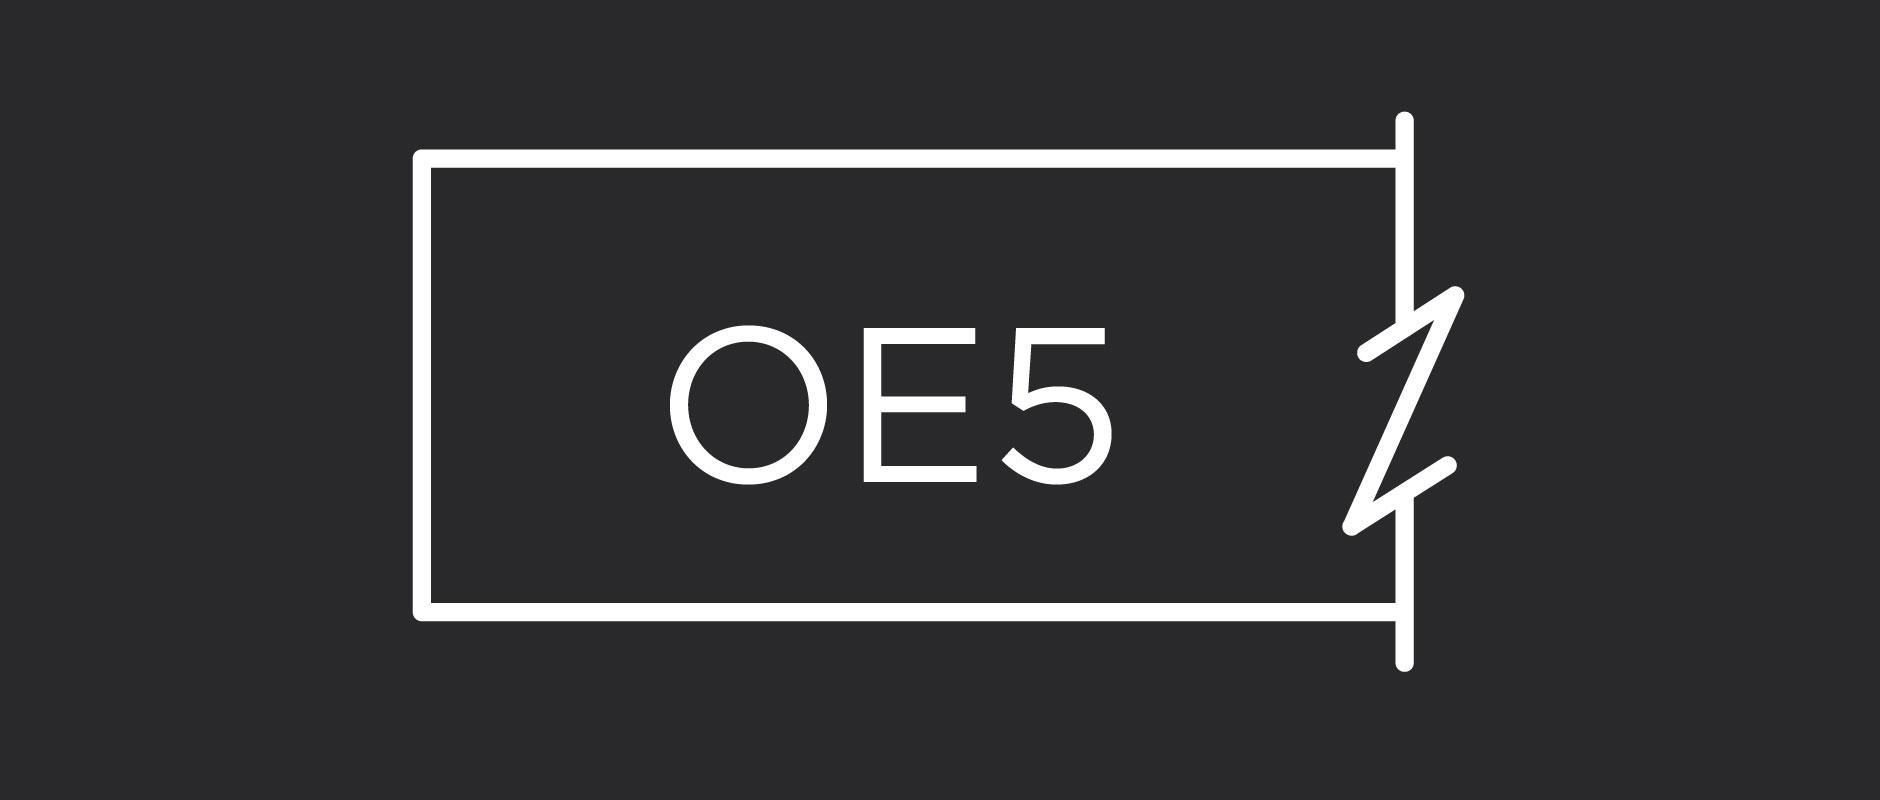 OE5 outside edge profile